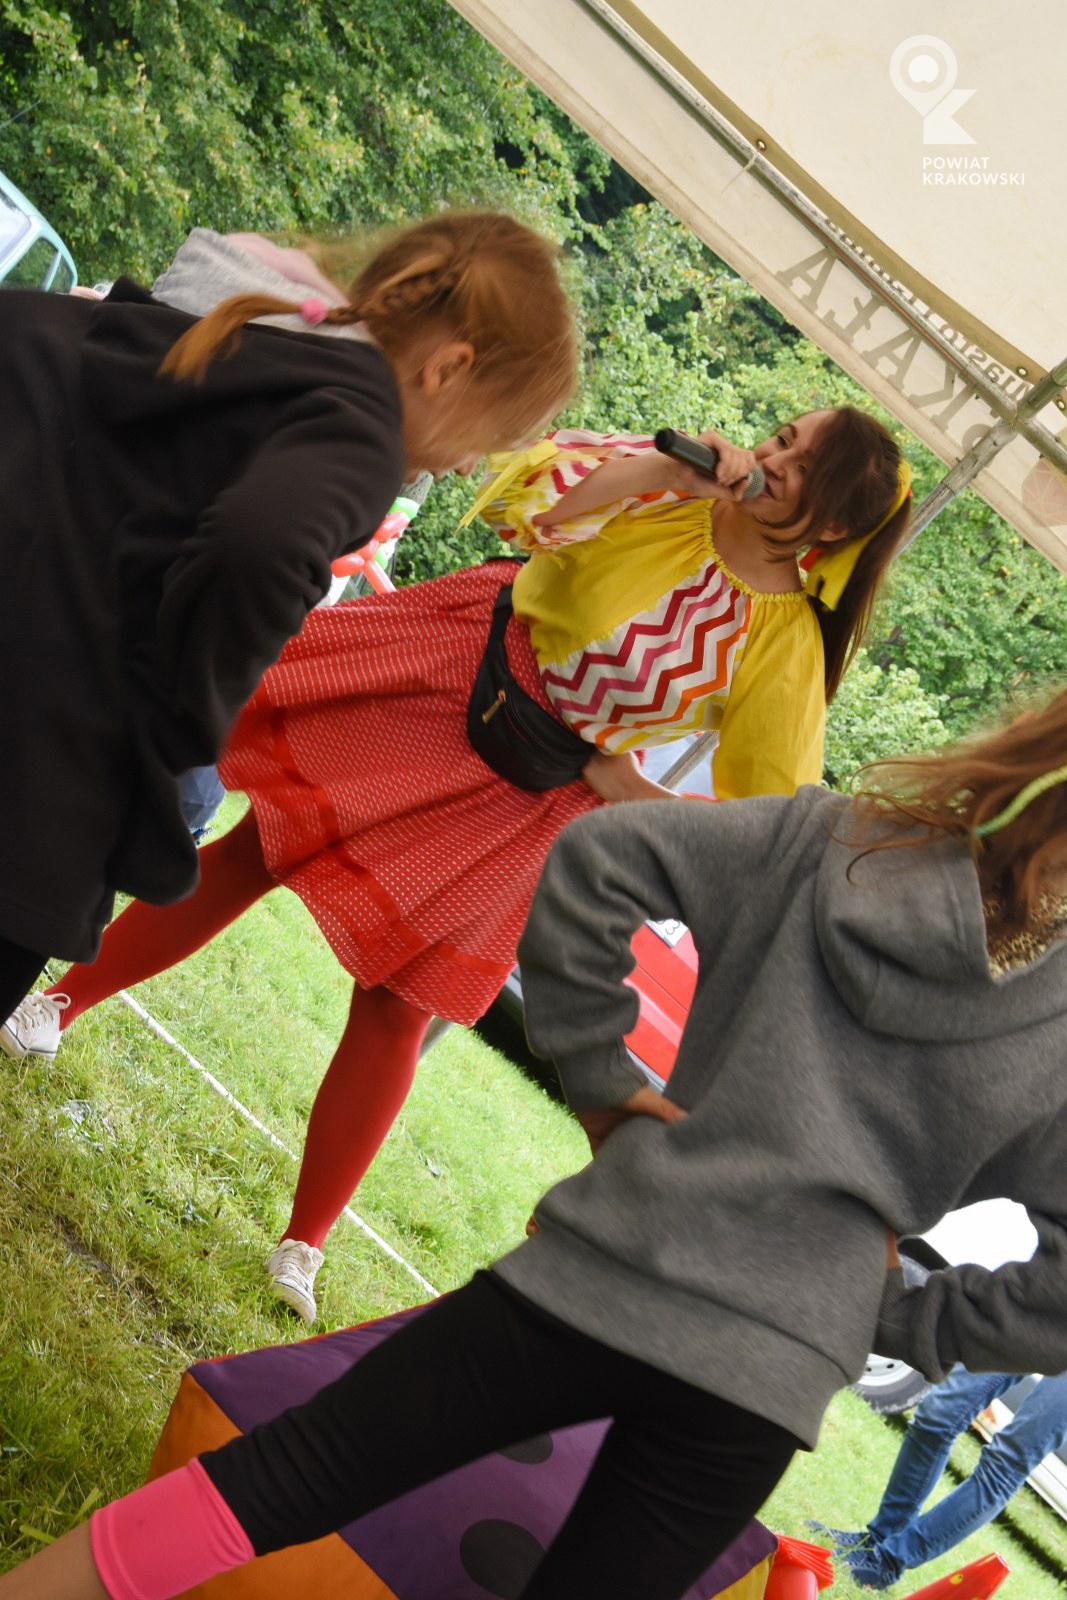 Kobieta z mikrofonem stoi na szeroko rozstawionych nogach, przed nią zwrócone do niej twarzami dwie dziewczynki